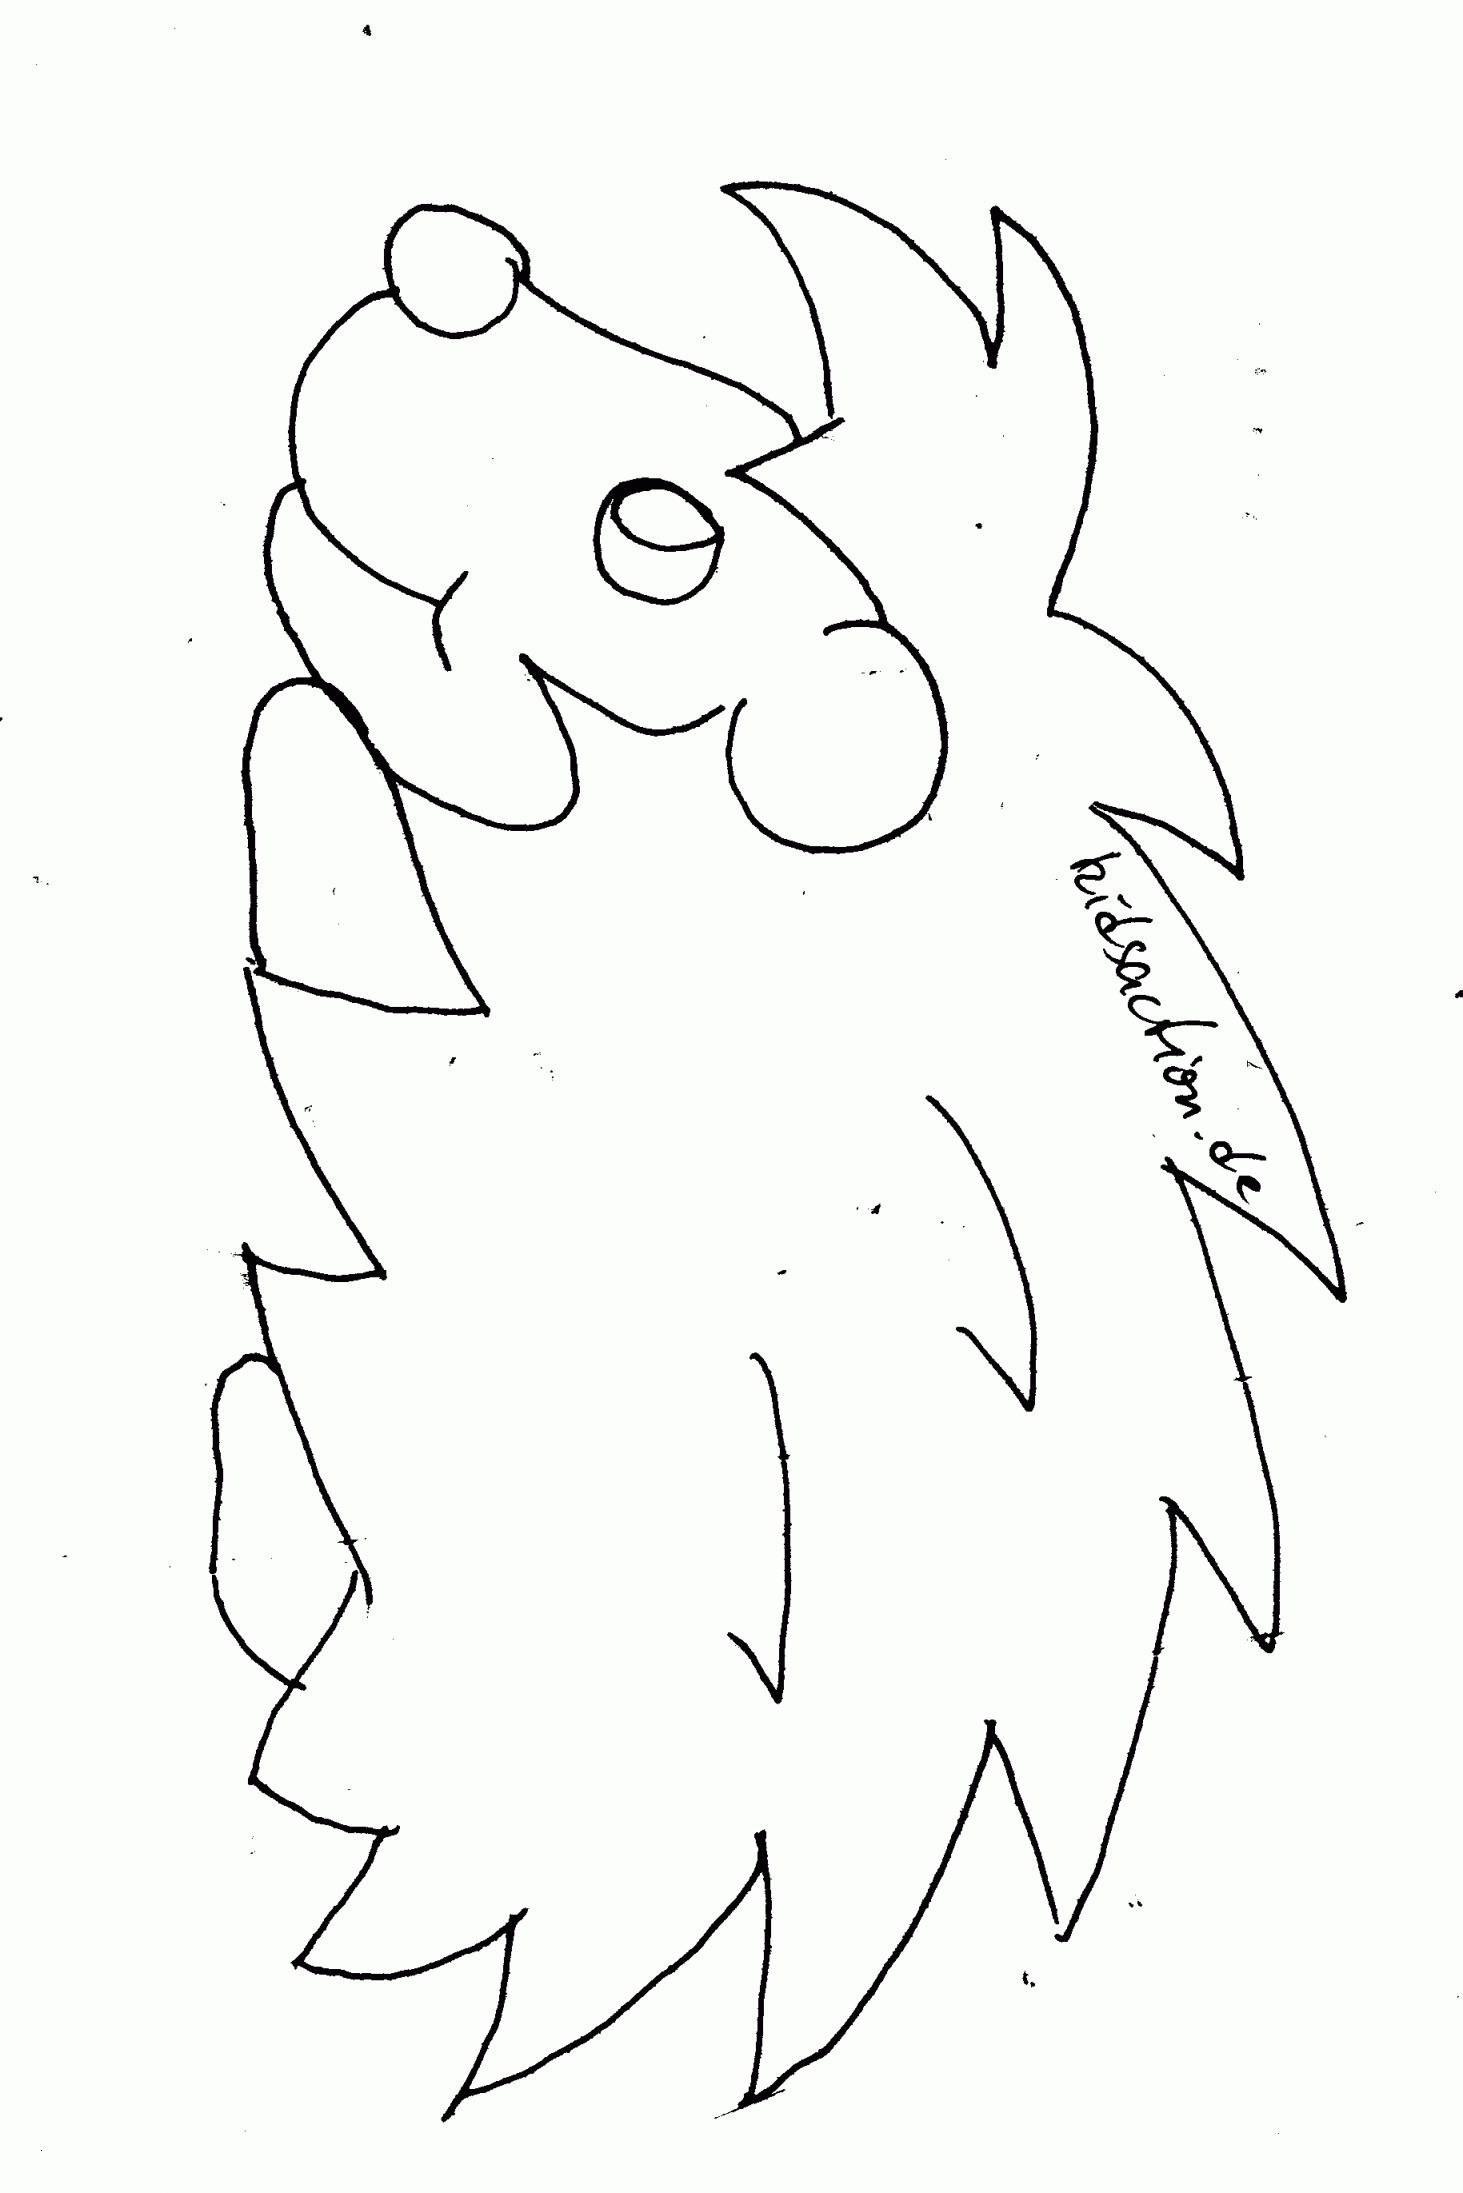 Der Kleine Maulwurf Ausmalbilder Inspirierend 41 Erstaunlich Igel Zum Ausmalen Malvorlagen Malvorlagen Sammlungen Stock